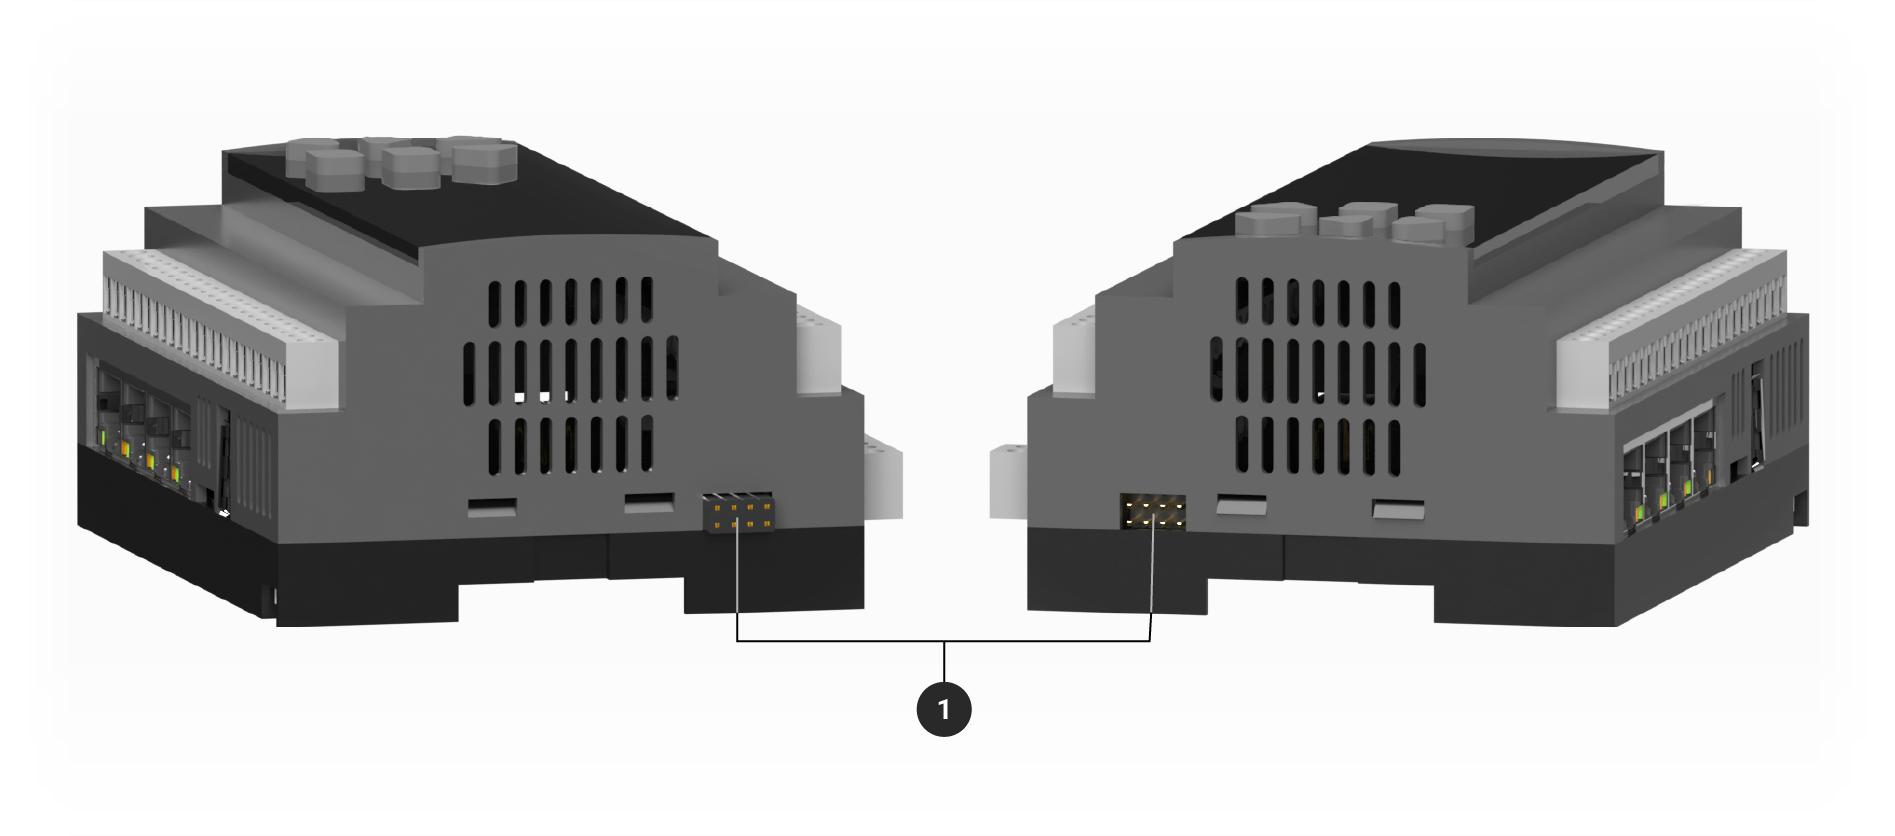 Controlador adquio pro mostrando conectores de expansión laterales